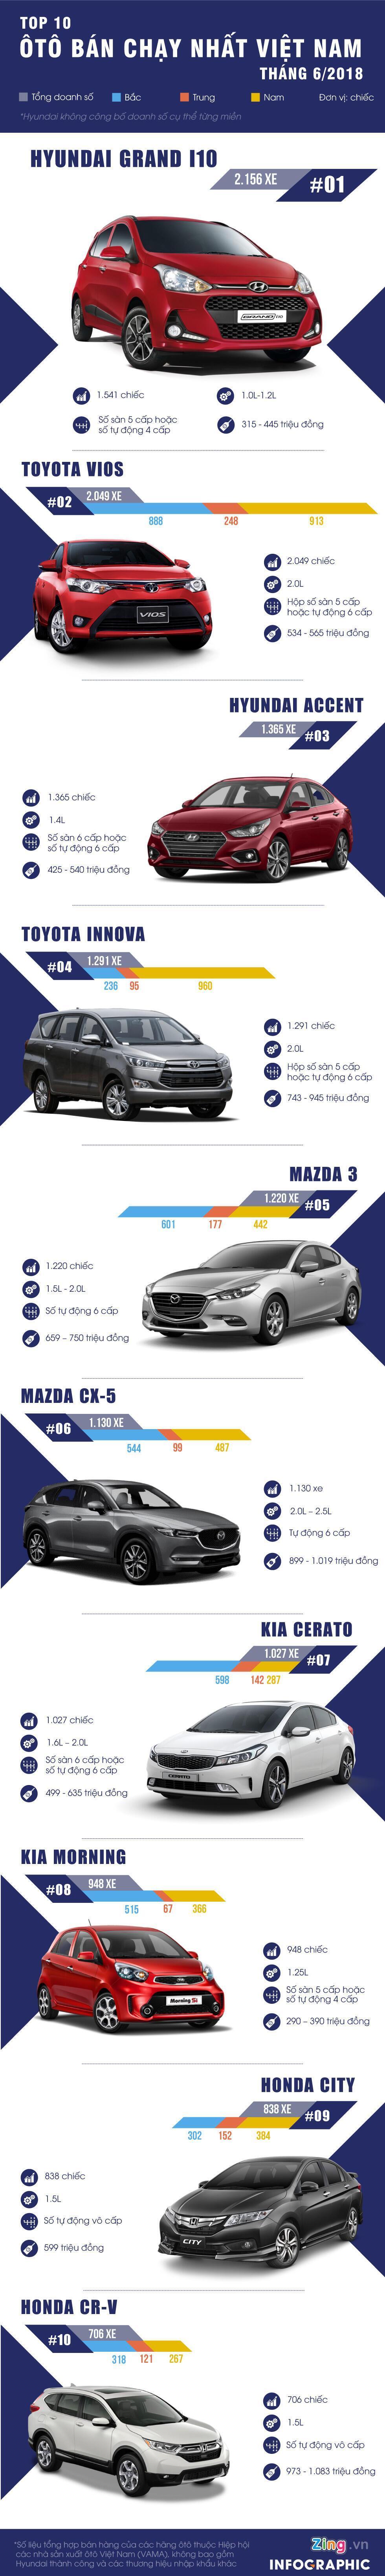 10 ôtô bán chạy nhất tháng 6/2018 - Toyota Vios mất ngôi vương - Hình 1